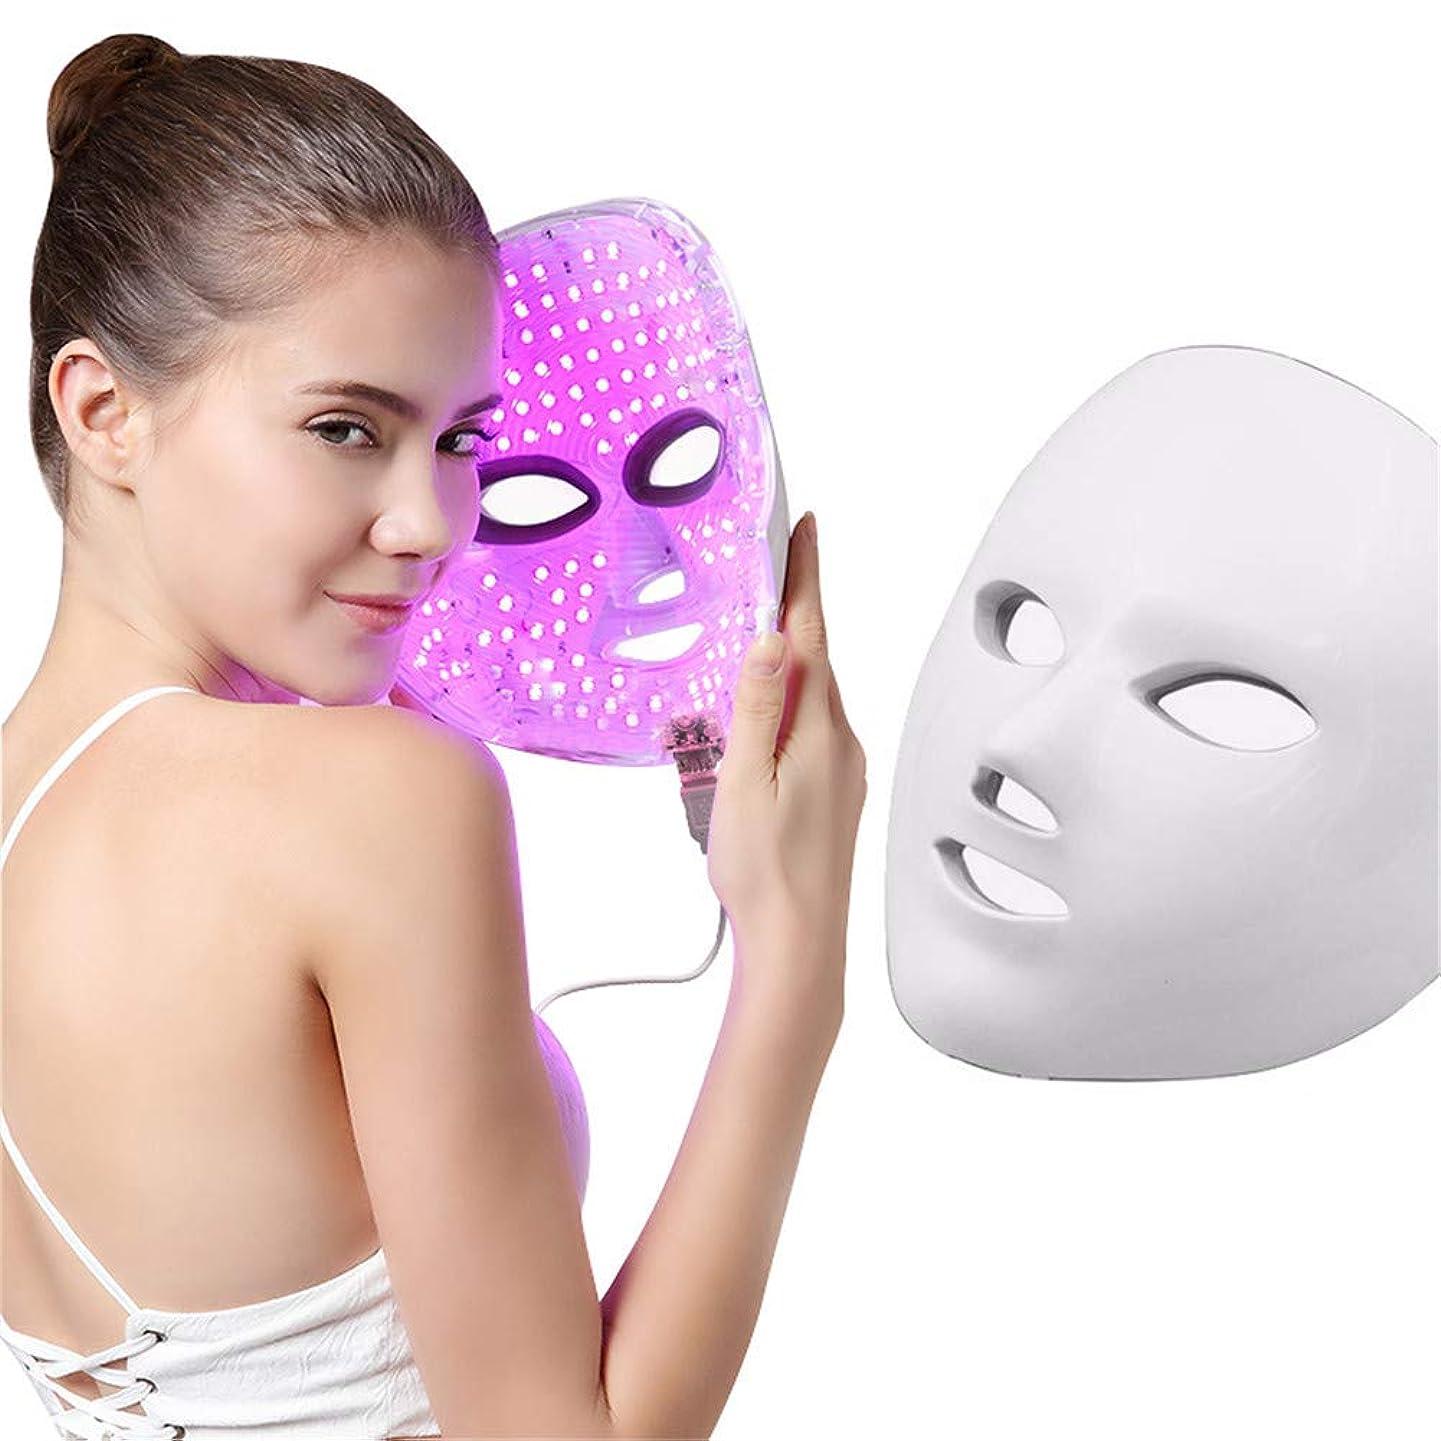 ストライクアパート効能ある7色ledマスク若返りにきび除去しわライト美容マスクled光線療法マッサージフェイシャルケア機付きリモコン